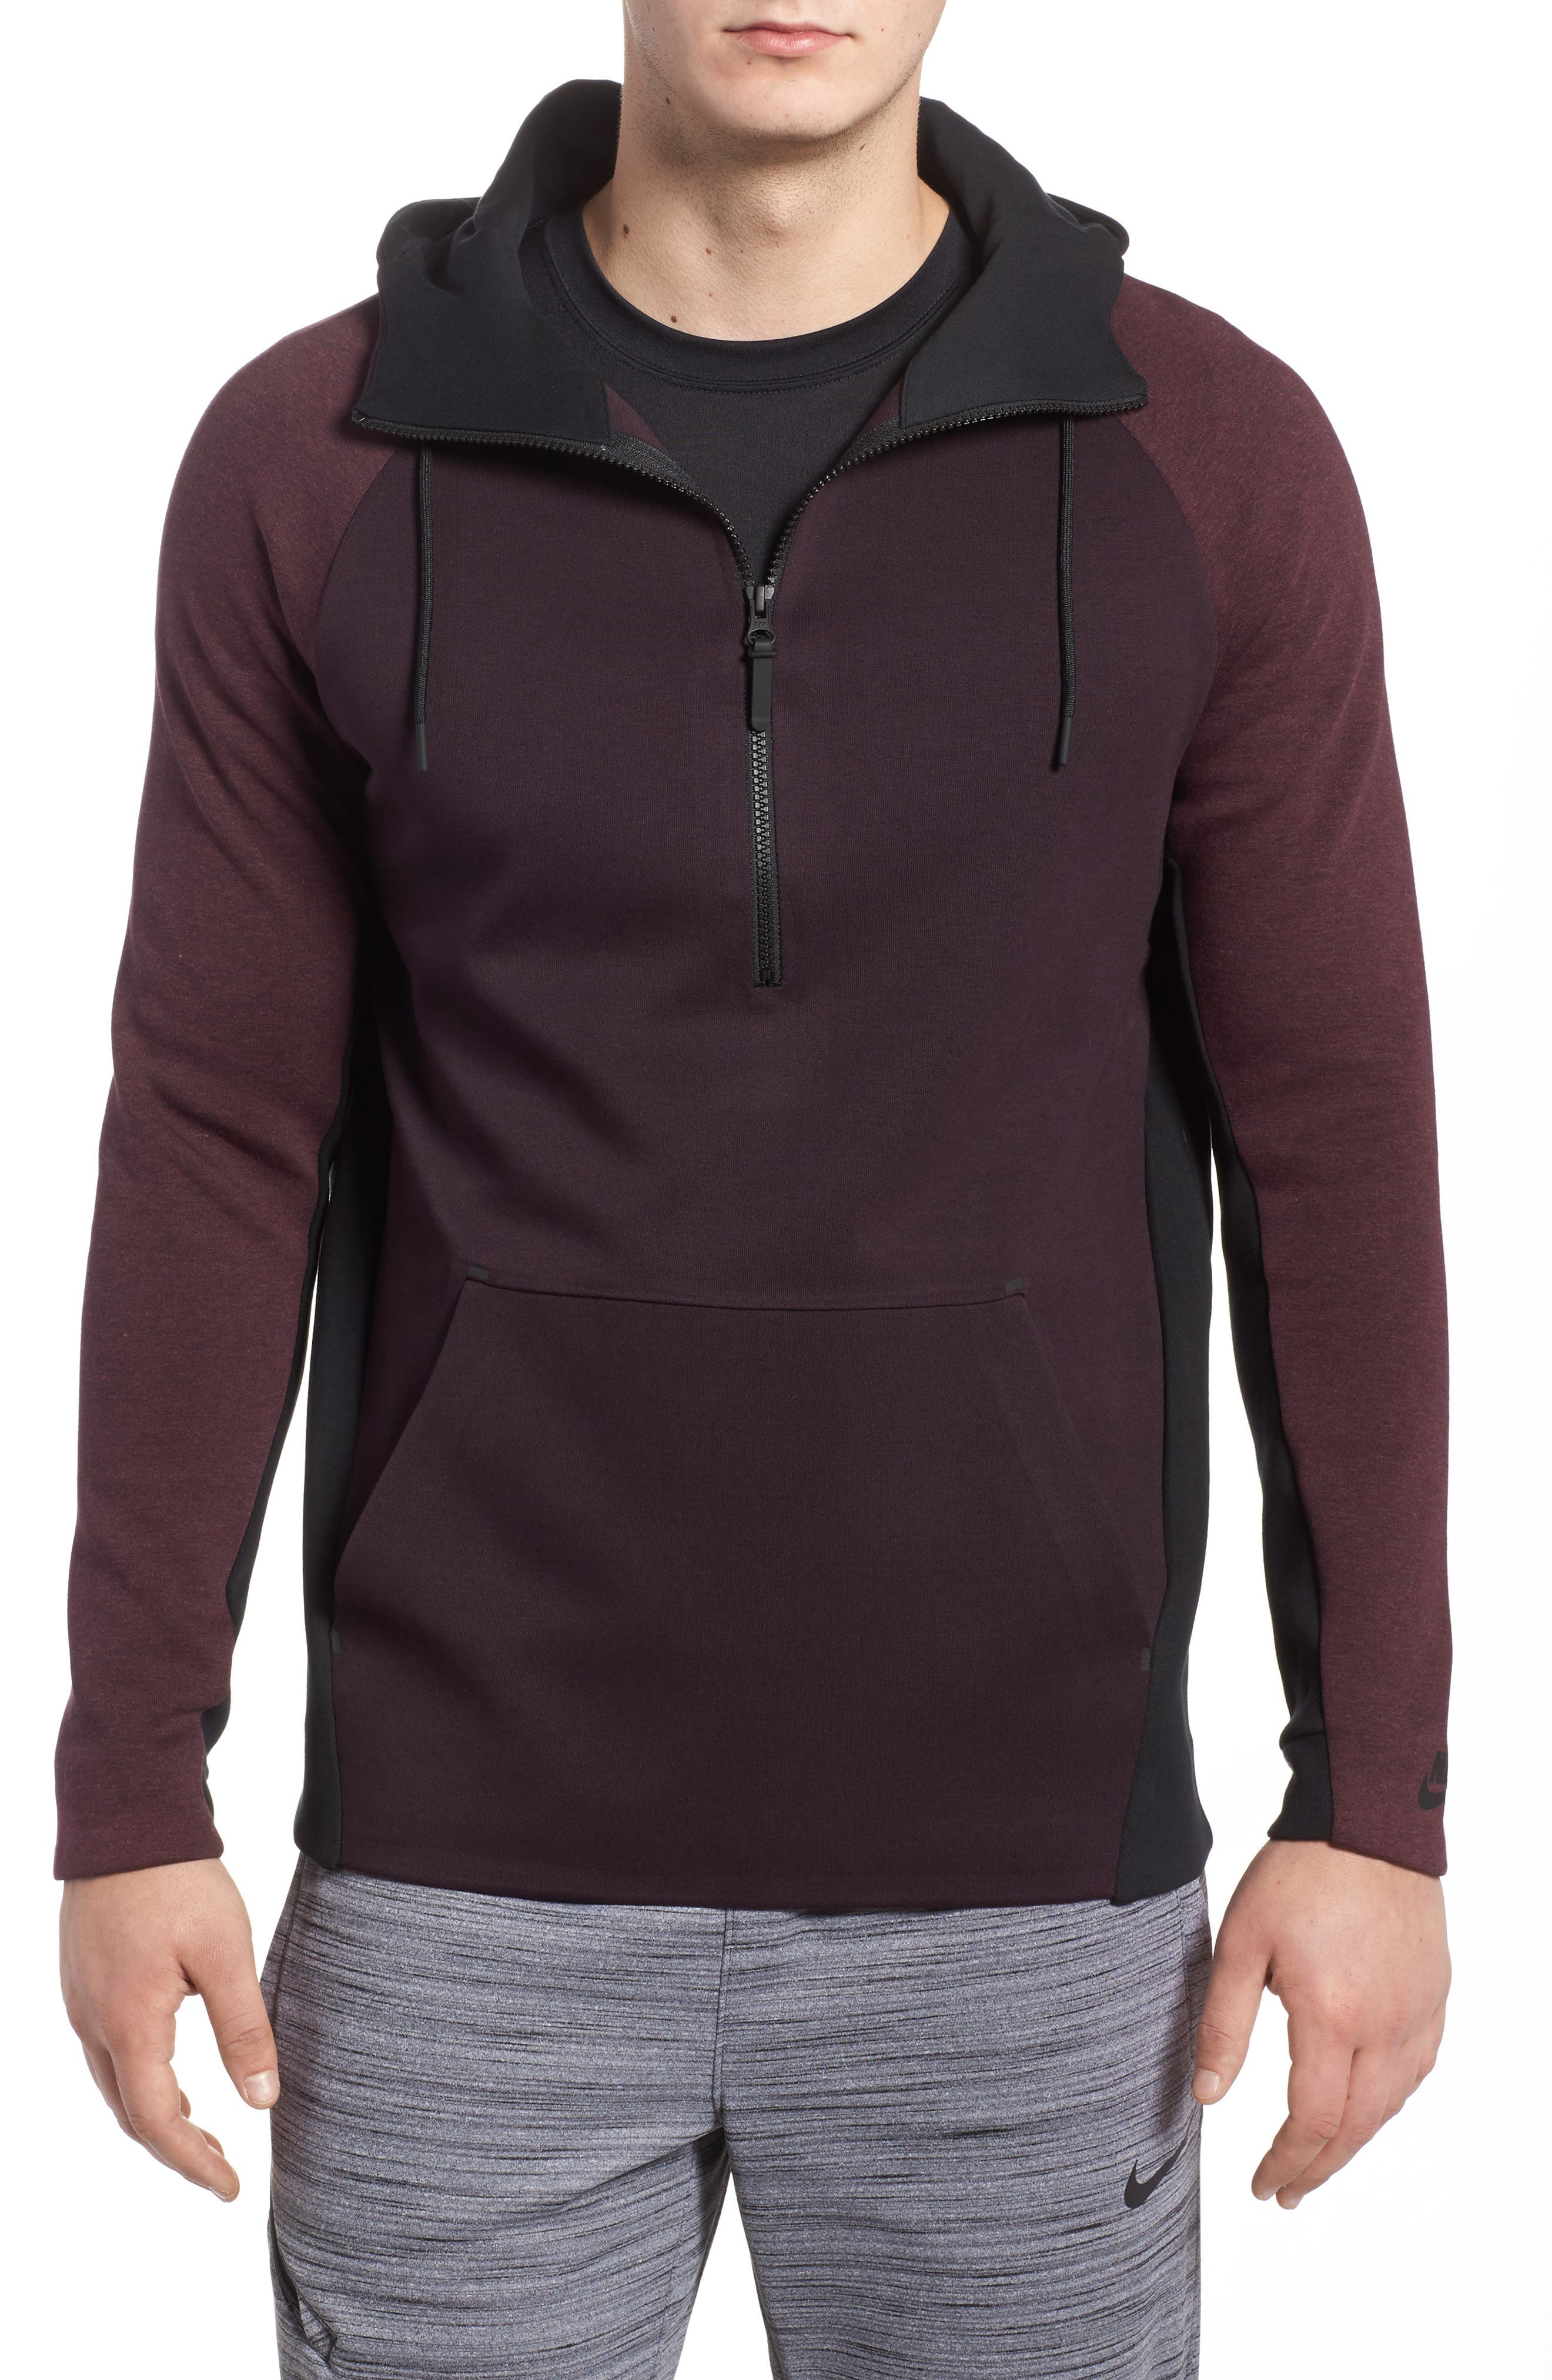 Alternate Image 1 Selected - Nike Half-Zip Pullover Hoodie